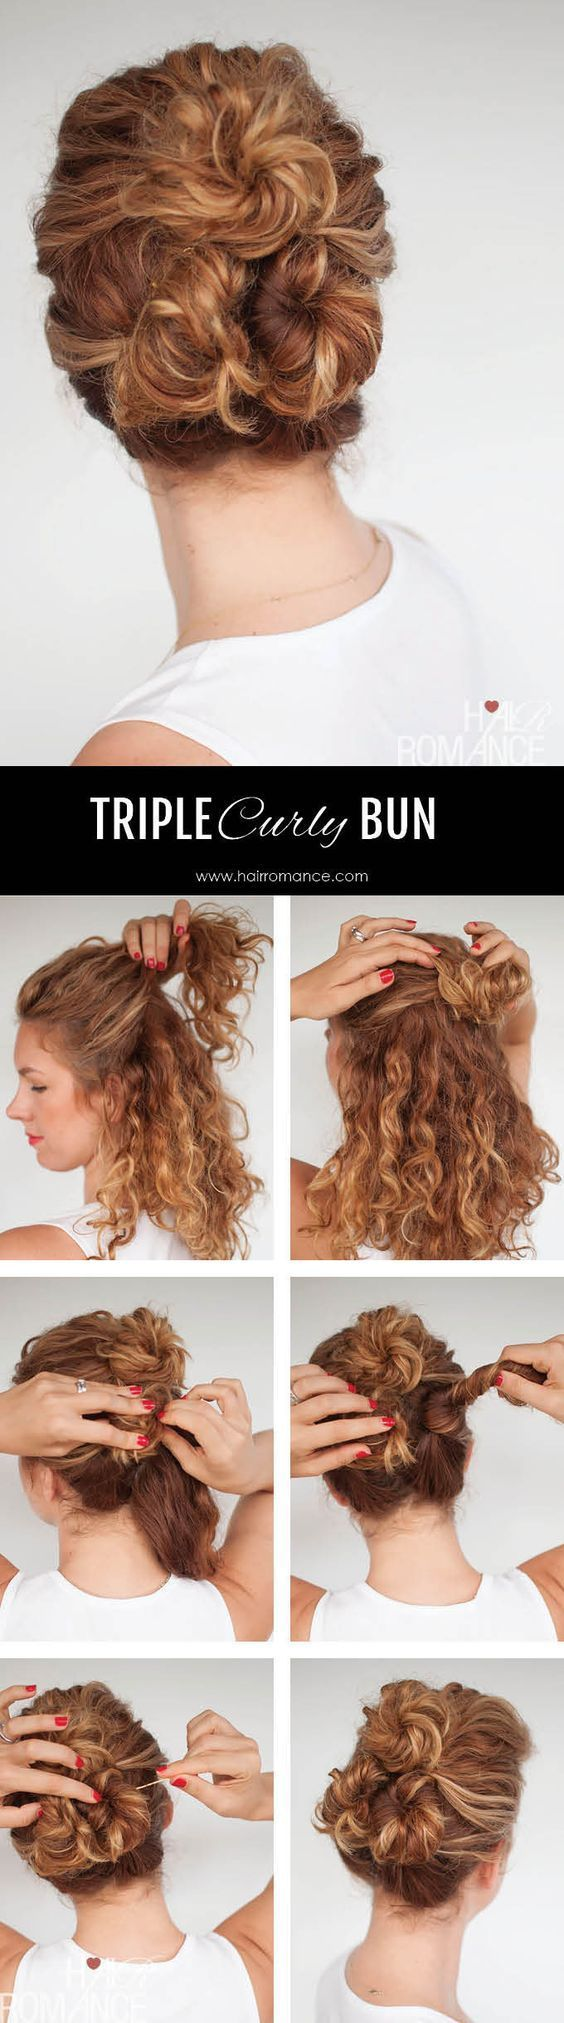 Einfache alltägliche Tutorials für lockige Frisuren - das lockige Dreifach-Brötchen - #Brötchen #Lockig #Einfach #Jeden Tag #Frisur